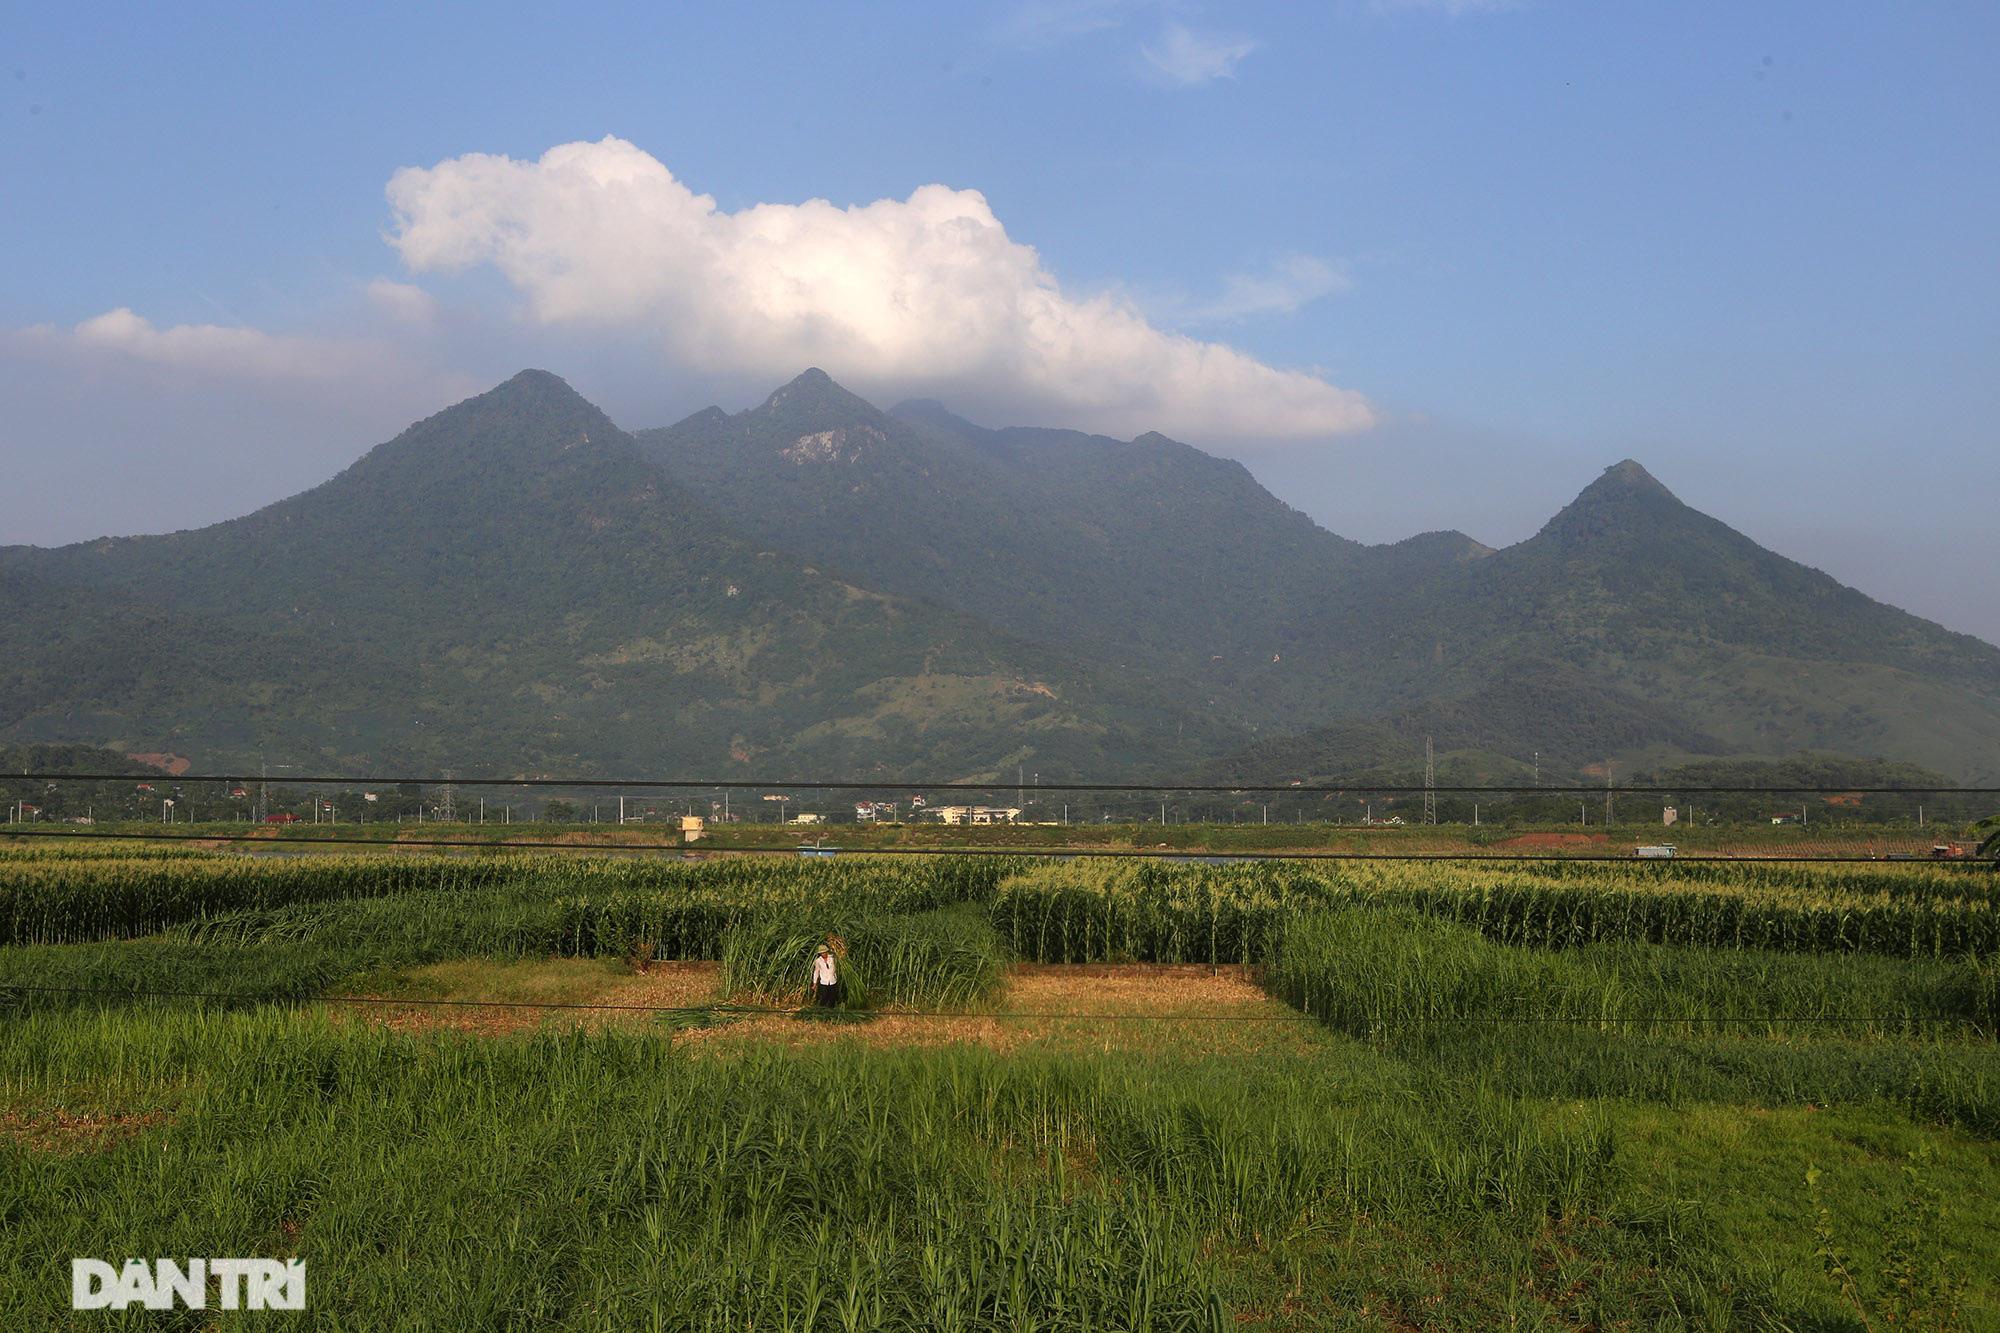 Núi thiêng gần Hà Nội đẹp mê mải nhìn từ muôn phương tám hướng - Ảnh 15.